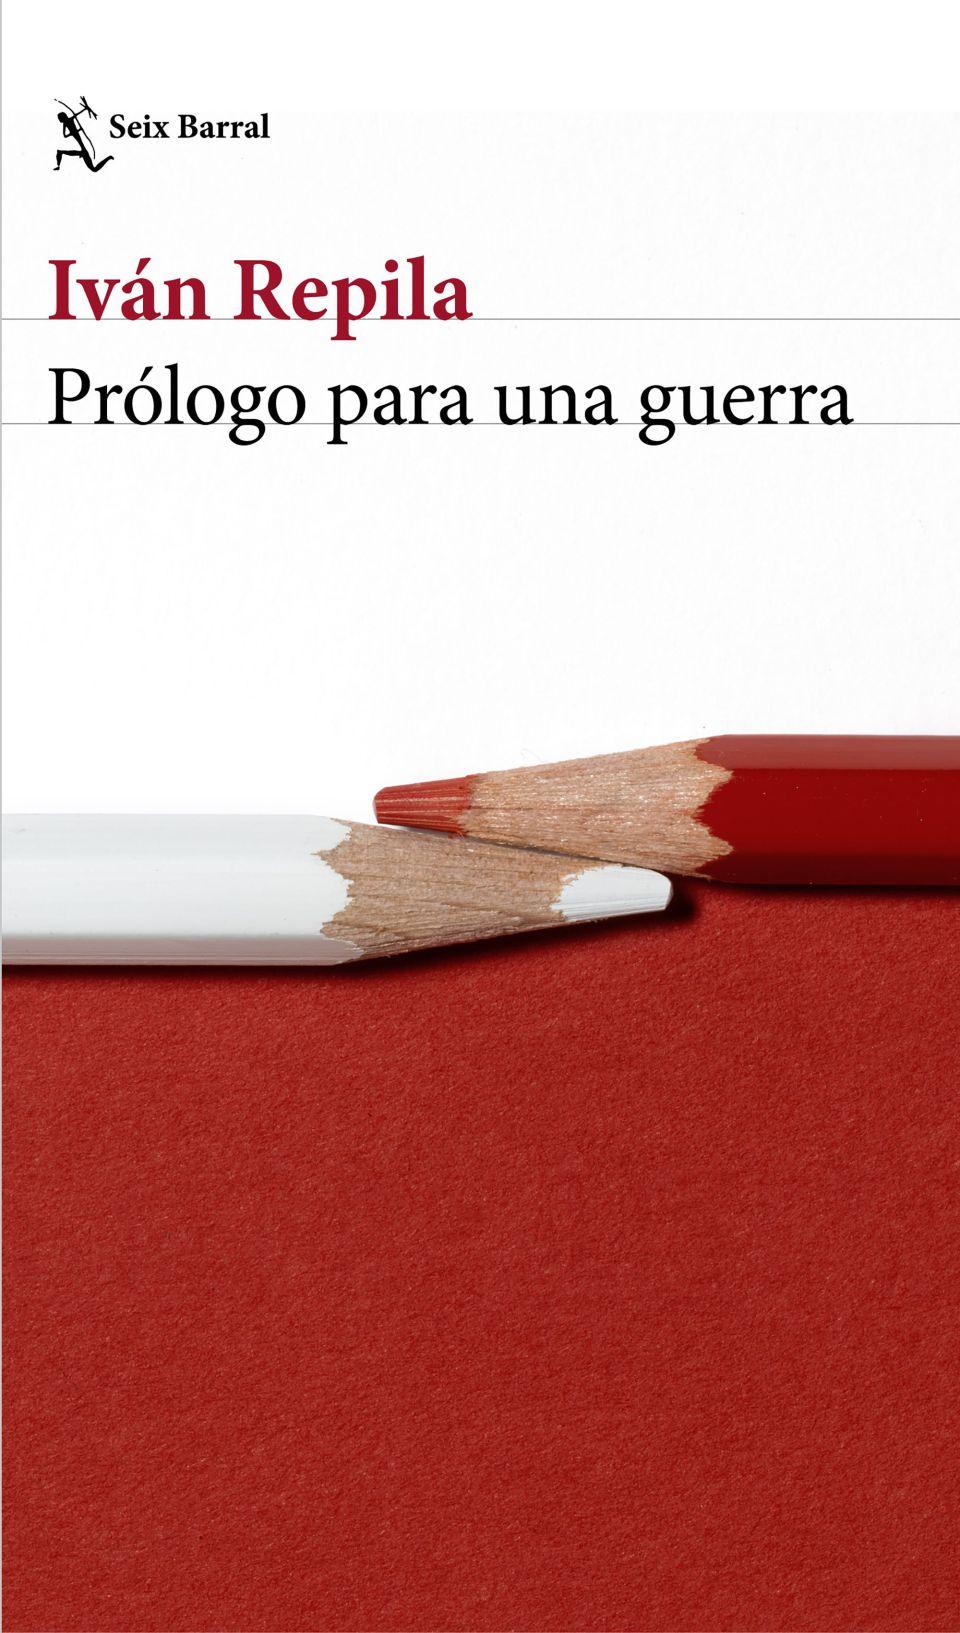 Prólogo para una guerra. Javier Miró